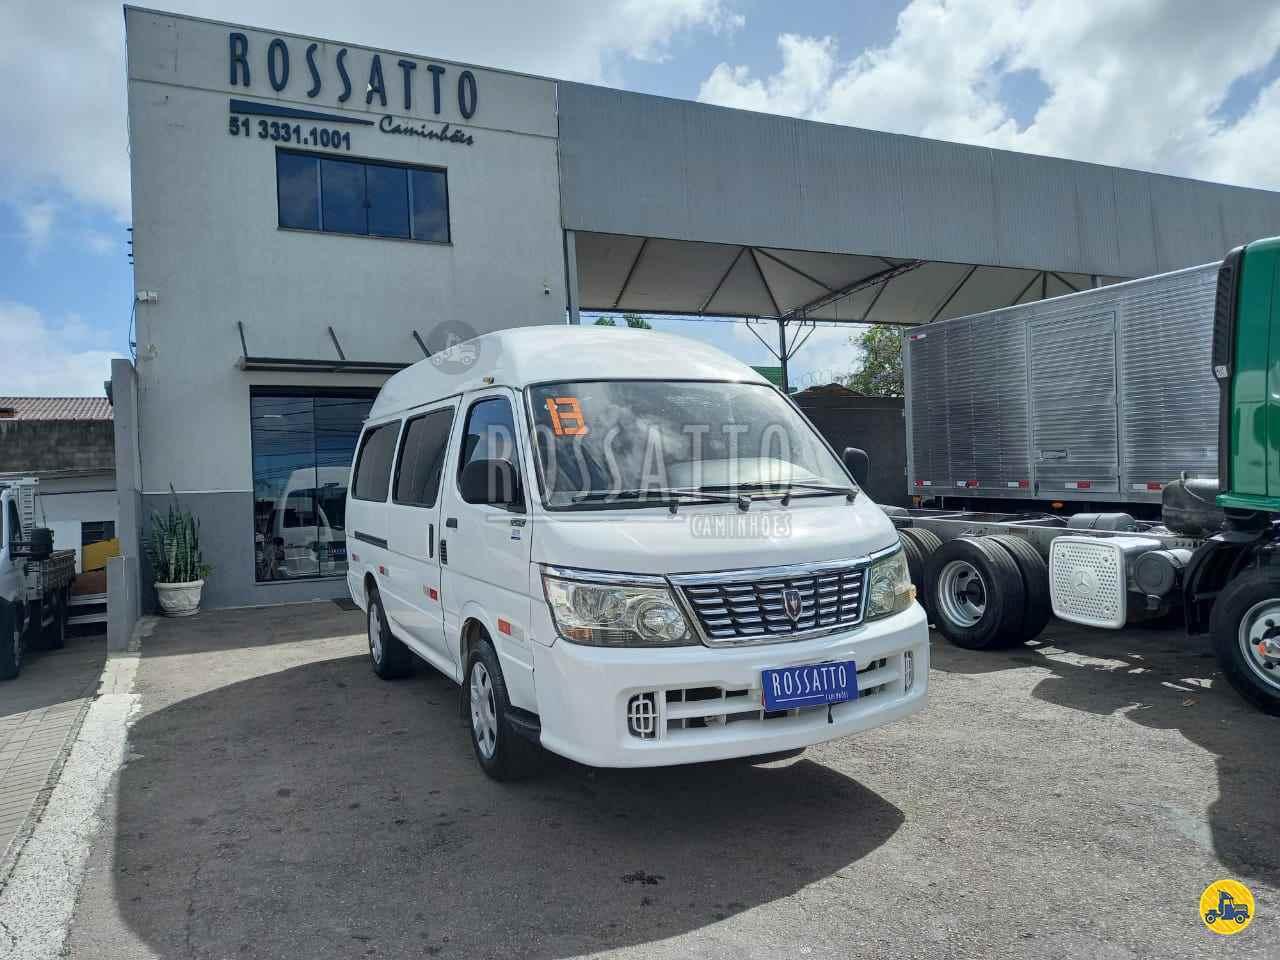 VANS JINBEI Topic Escolar SL 2.2 Rossatto Caminhões PORTO ALEGRE RIO GRANDE DO SUL RS